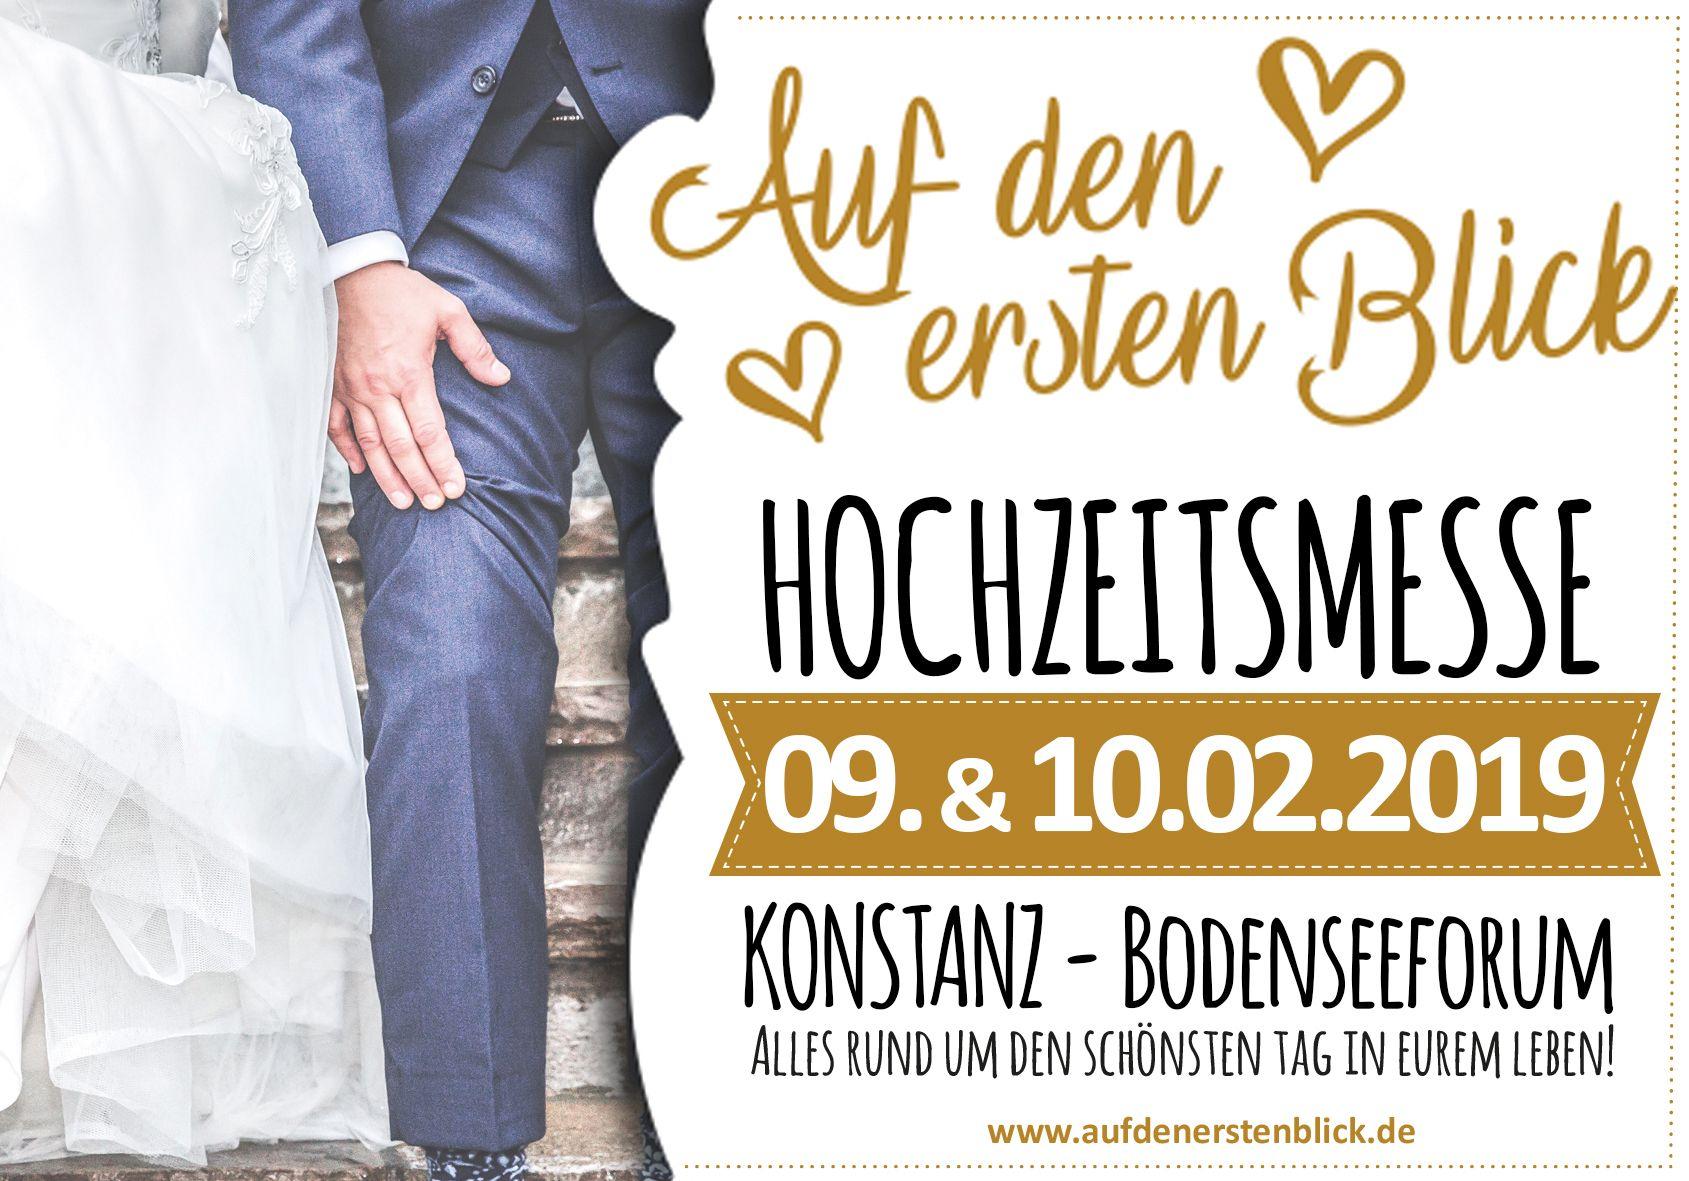 Hochzeitsmesse Konstanz 09 Und 10 Februar 2019 Hochzeitsmesse Hochzeit Messe